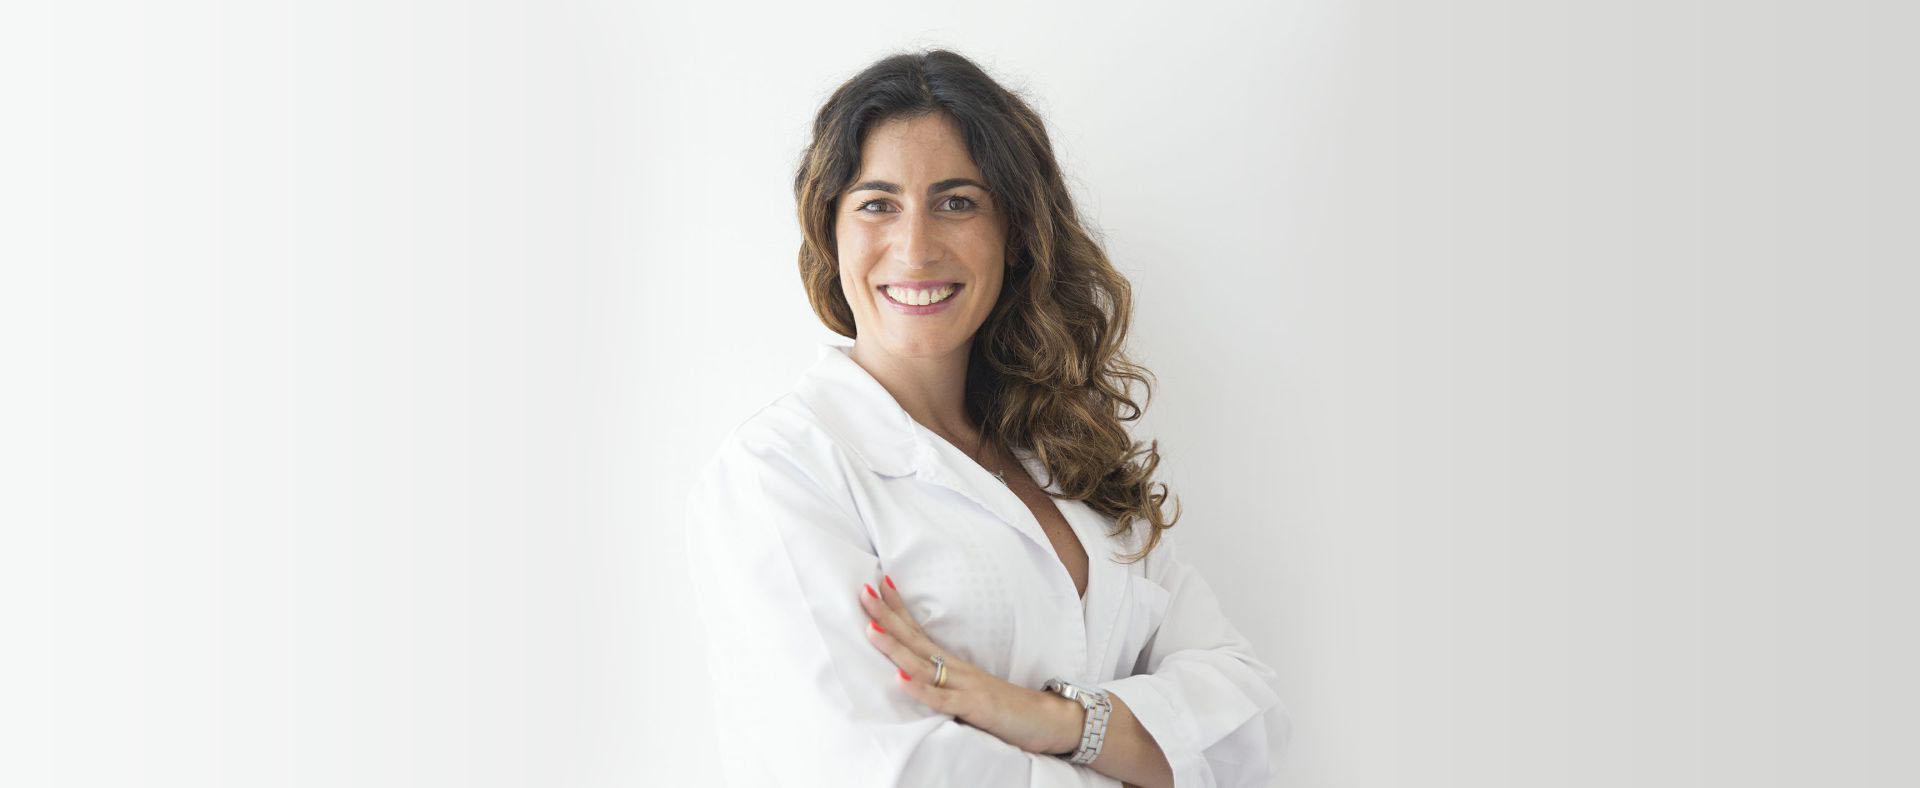 clinica medicina estetia dra ana sousa